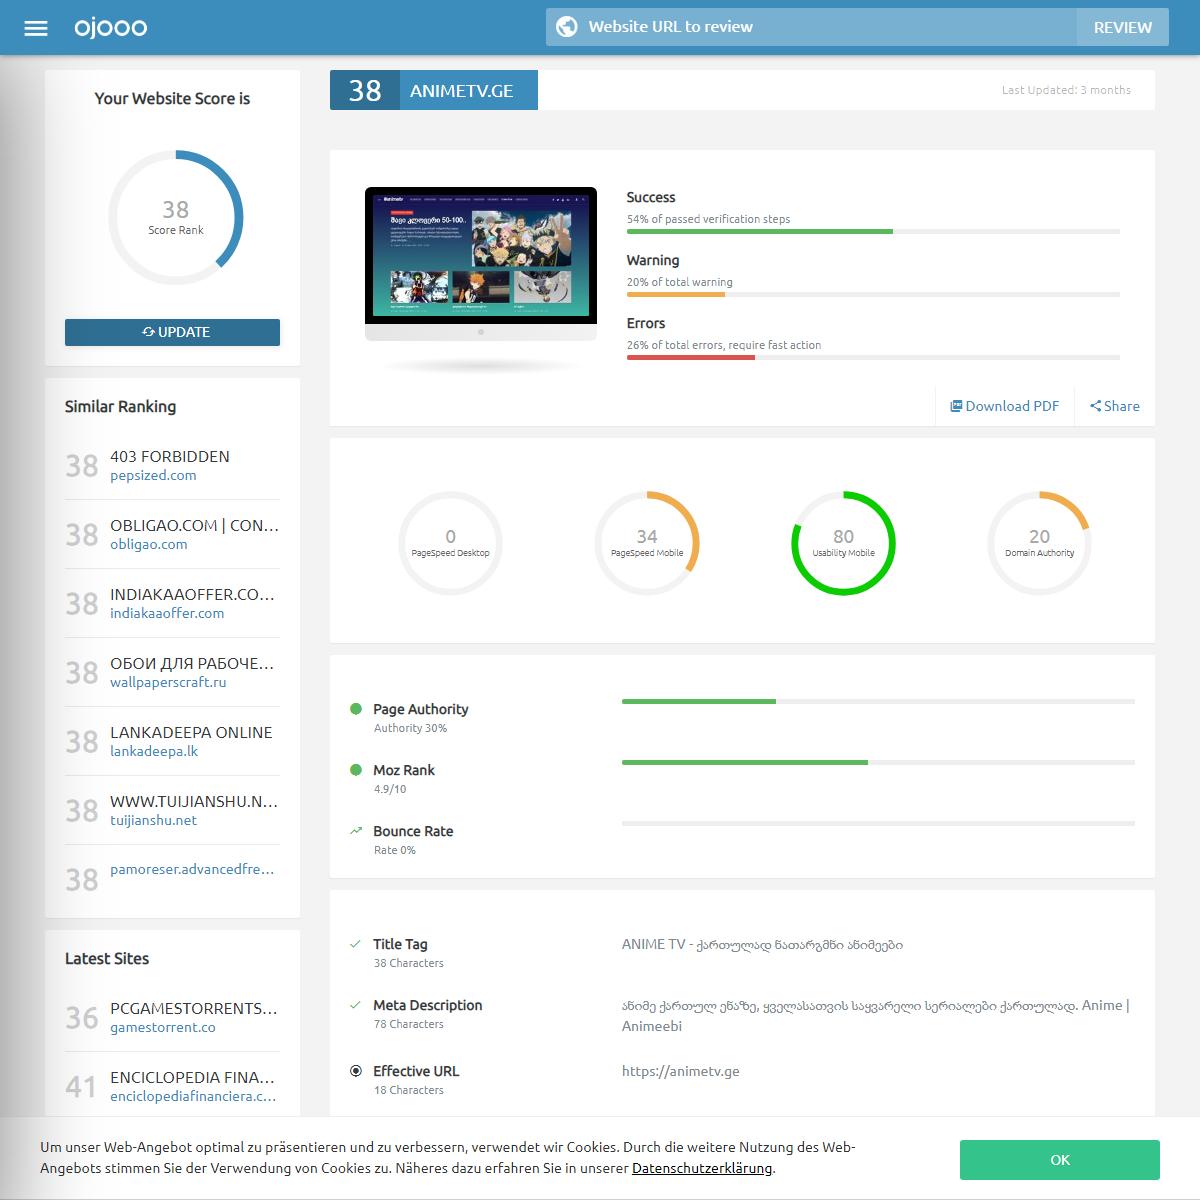 Animetv.ge - SEO Checker - Website Review